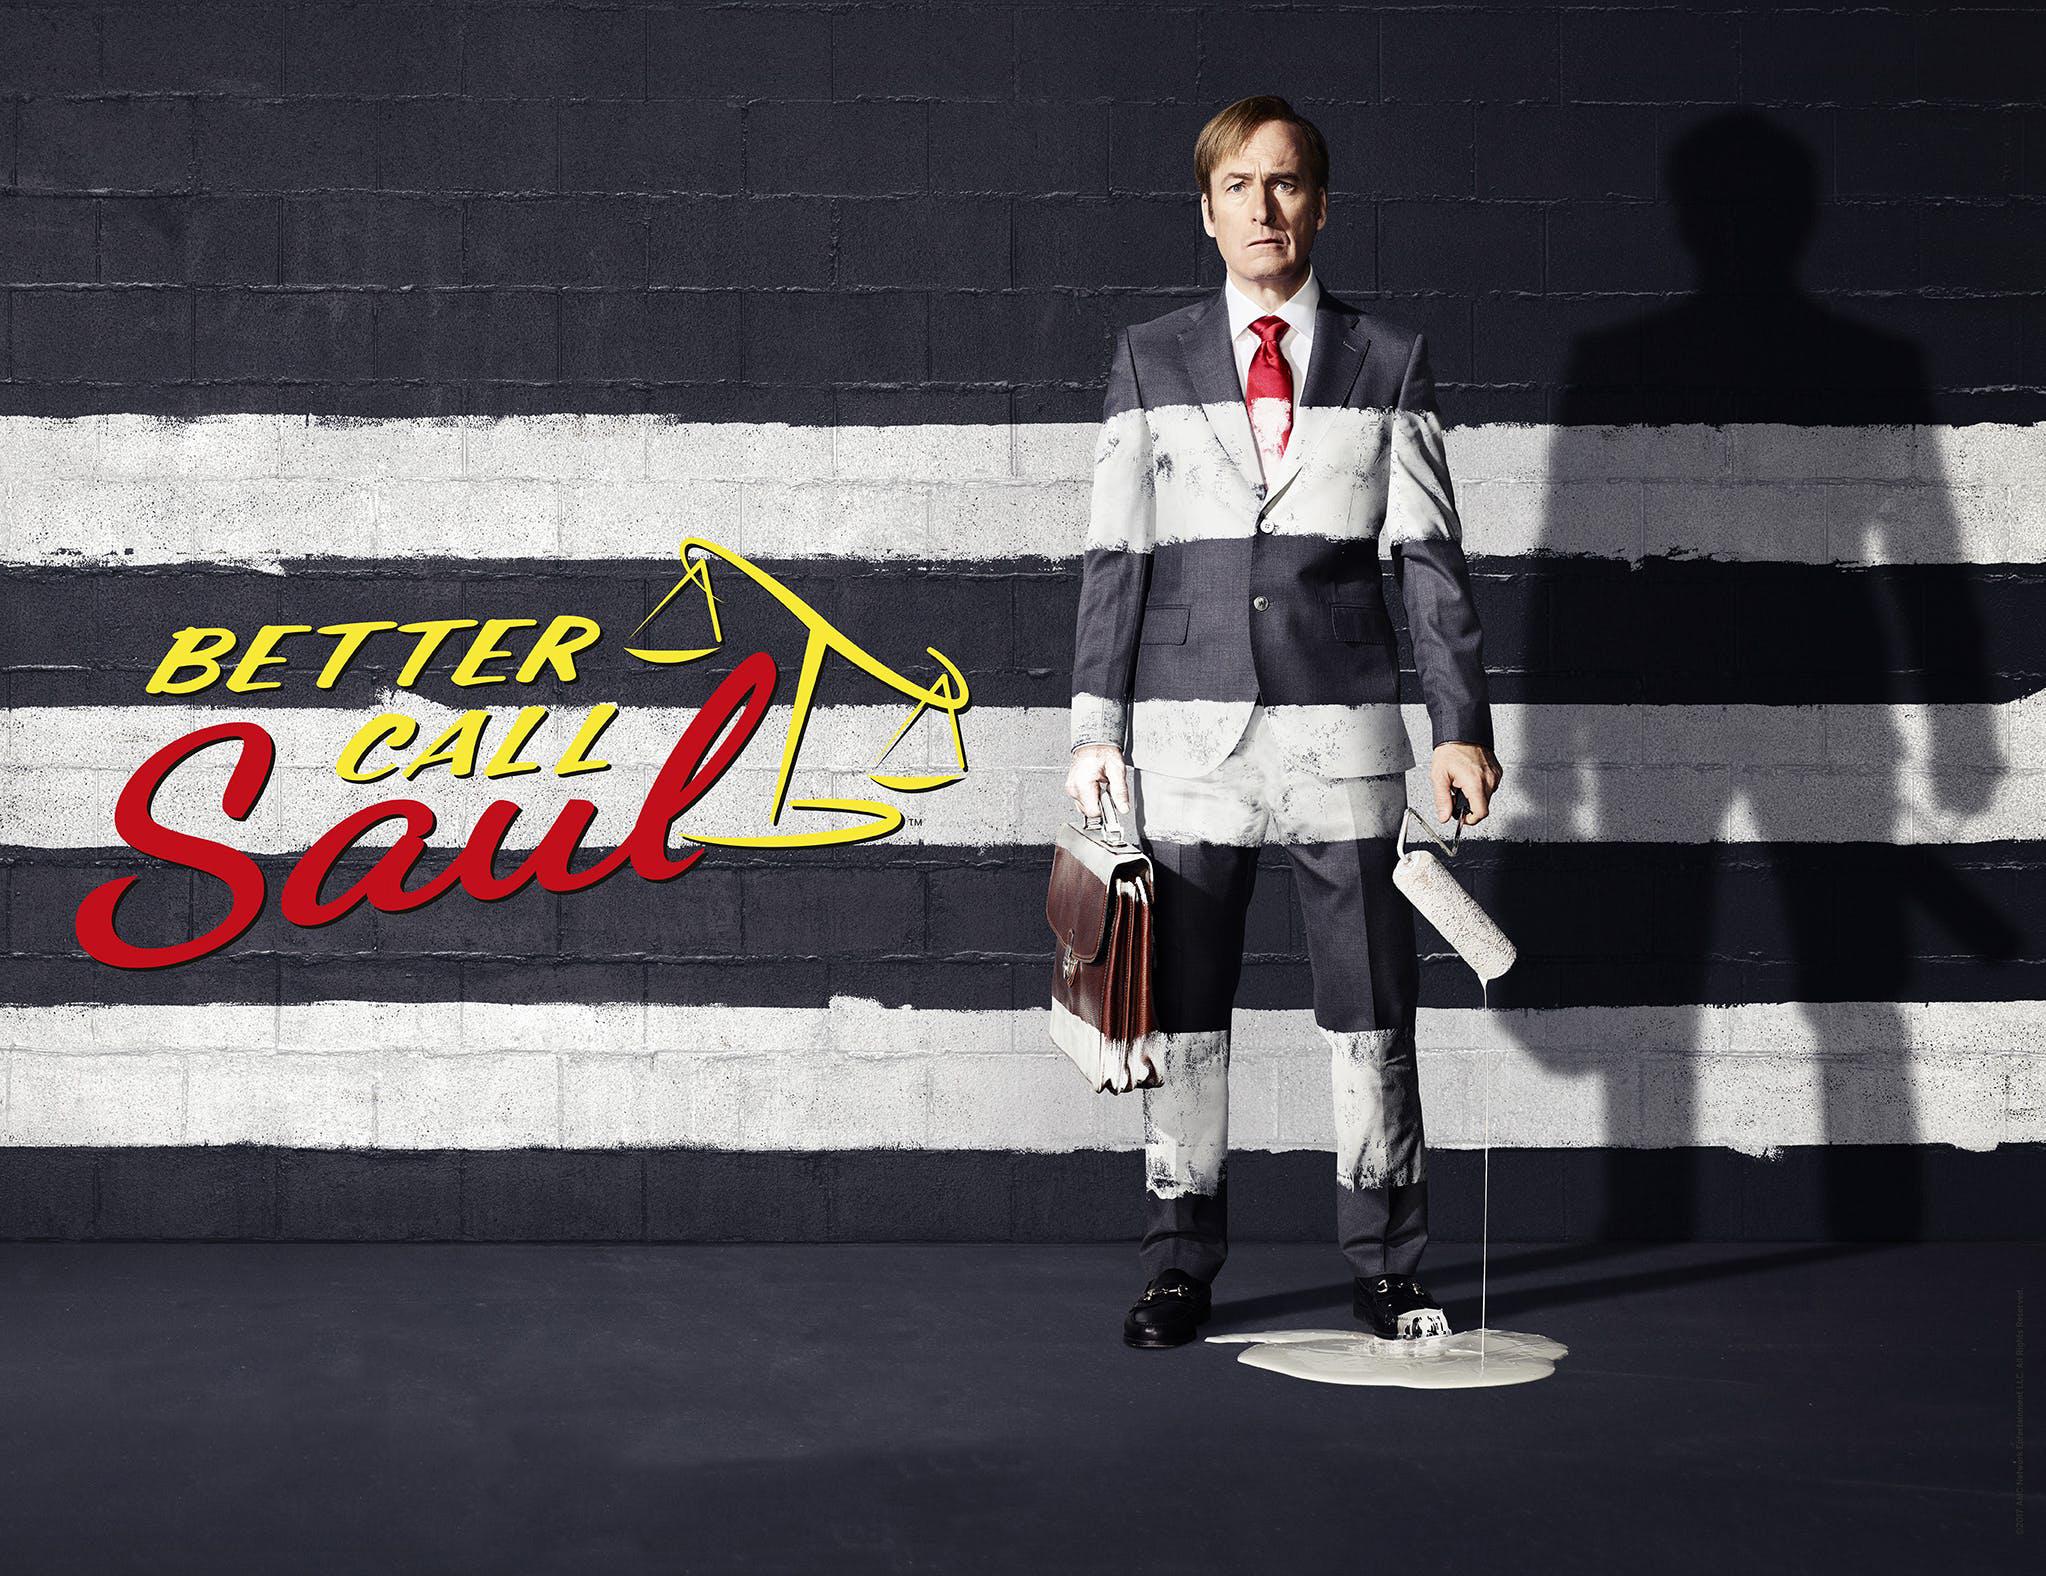 Better Call Saul Season 4 Episode 5 Recap Back To The